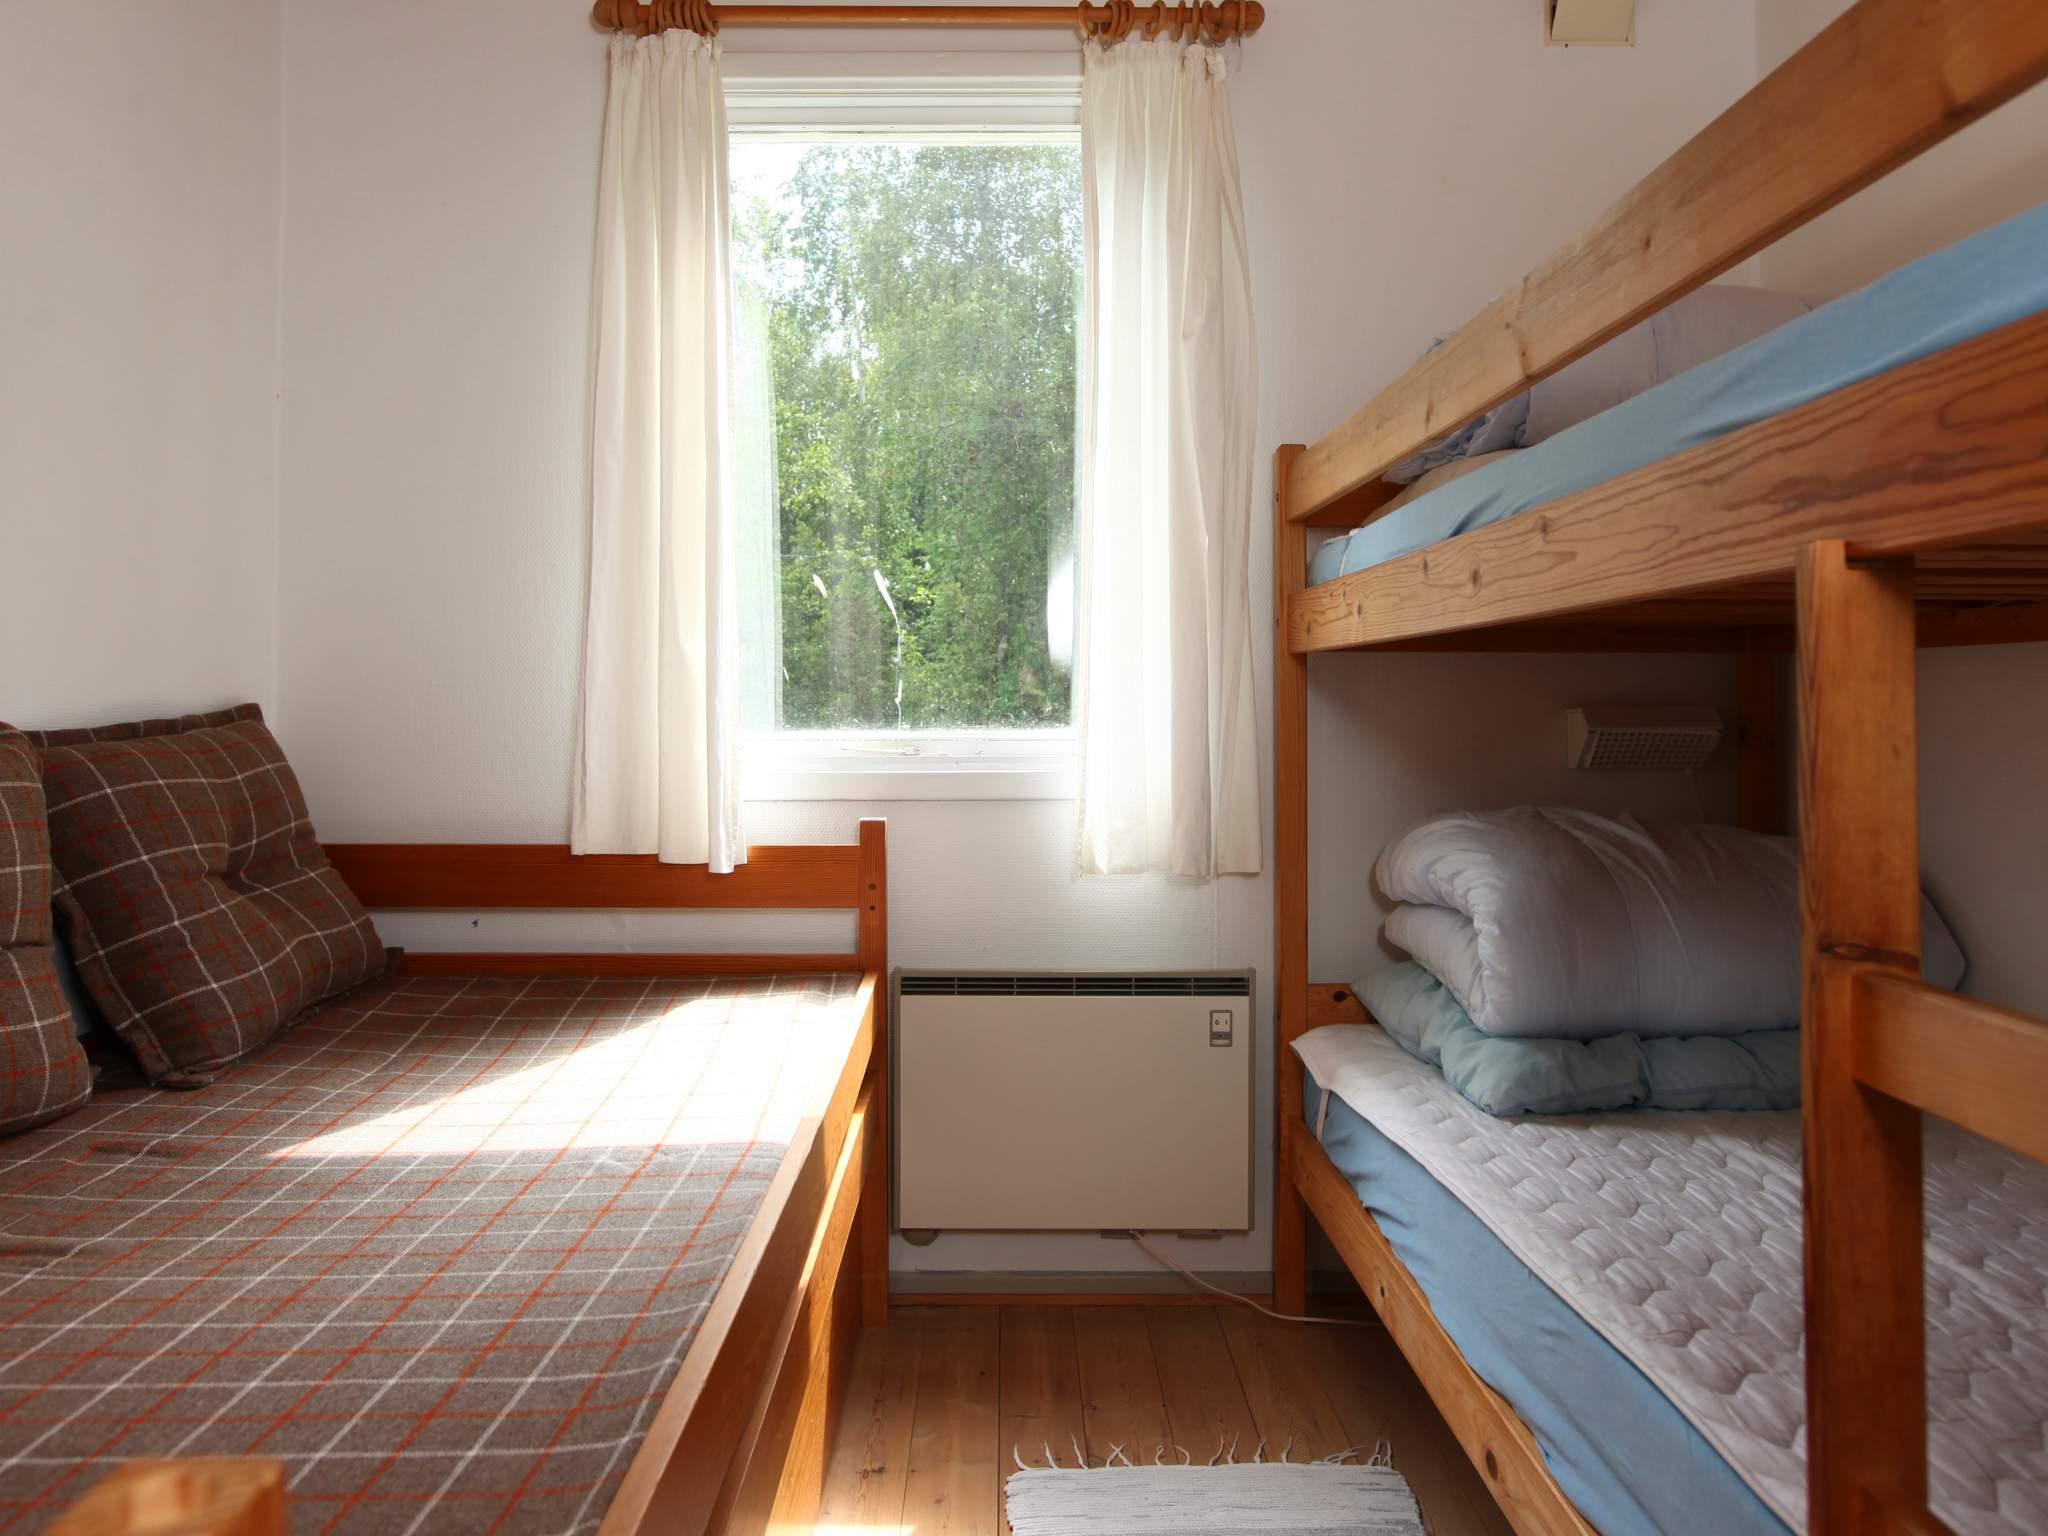 Ferienhaus Hummingen (89267), Hummingen, , Lolland, Dänemark, Bild 11